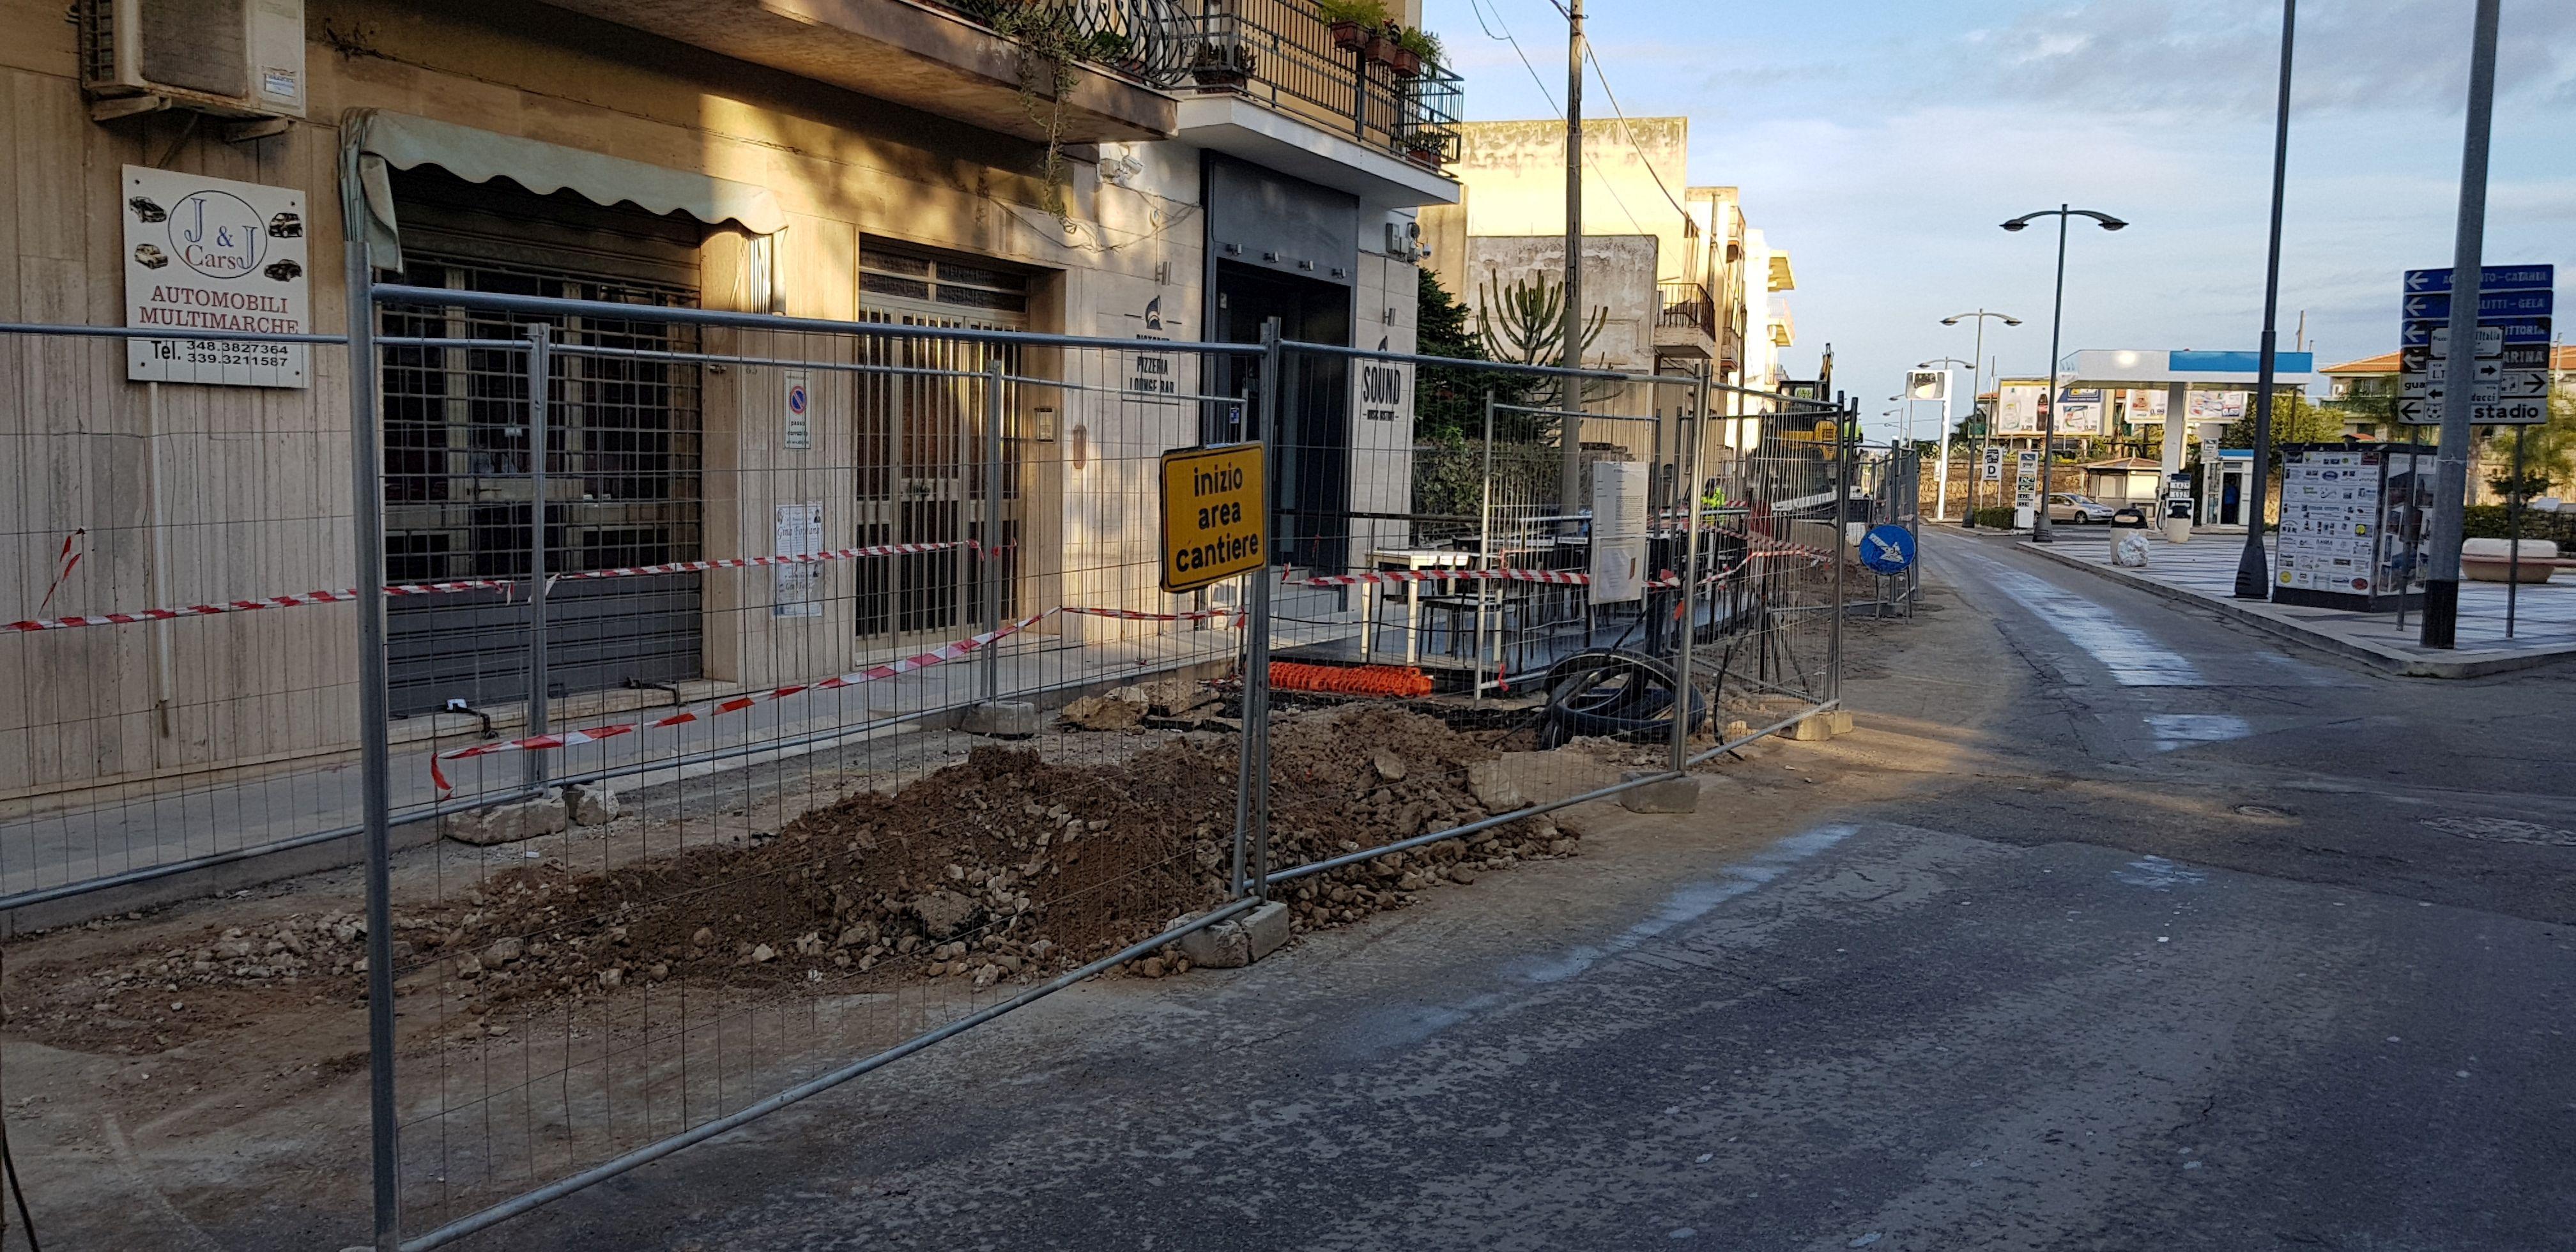 Il cantiere e gli scavi di fronte a scuola: disagio per automobilisti ed esercenti